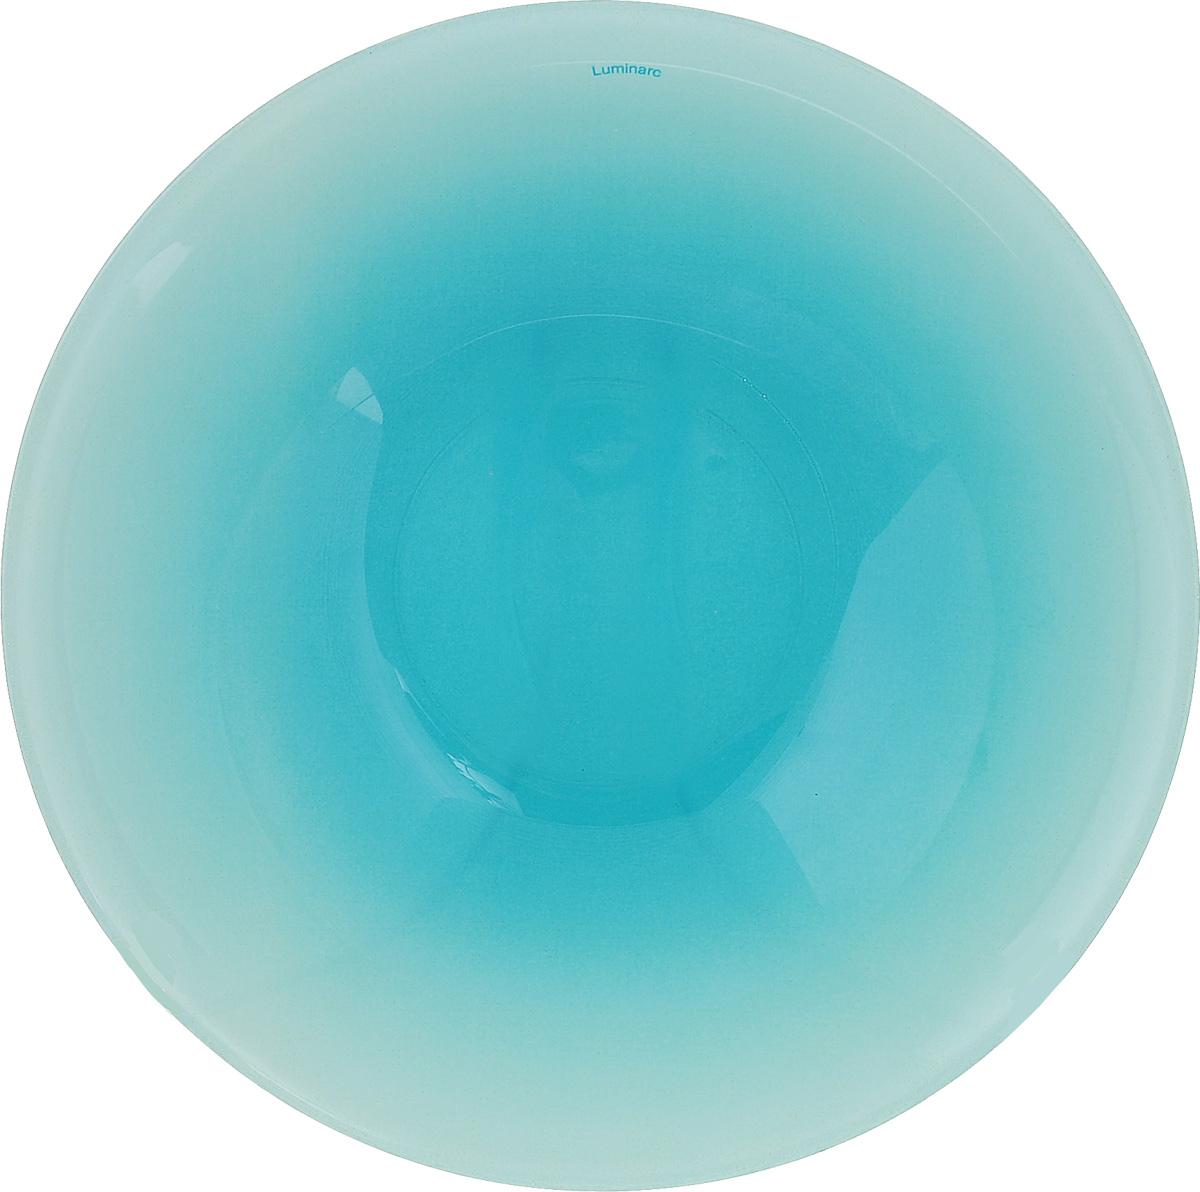 Салатник Luminarc Fizz Frozen, диаметр 16,5 смH8786Салатник Luminarc Fizz Frozen выполнен из ударопрочного стекла. Яркий дизайн придется по вкусу и ценителям классики, и тем, кто предпочитает утонченность и изысканность. Салатник Luminarc Fizz Frozen идеально подойдет для сервировки стола и станет отличным подарком к любому празднику.Диаметр (по верхнему краю): 16,5 см.